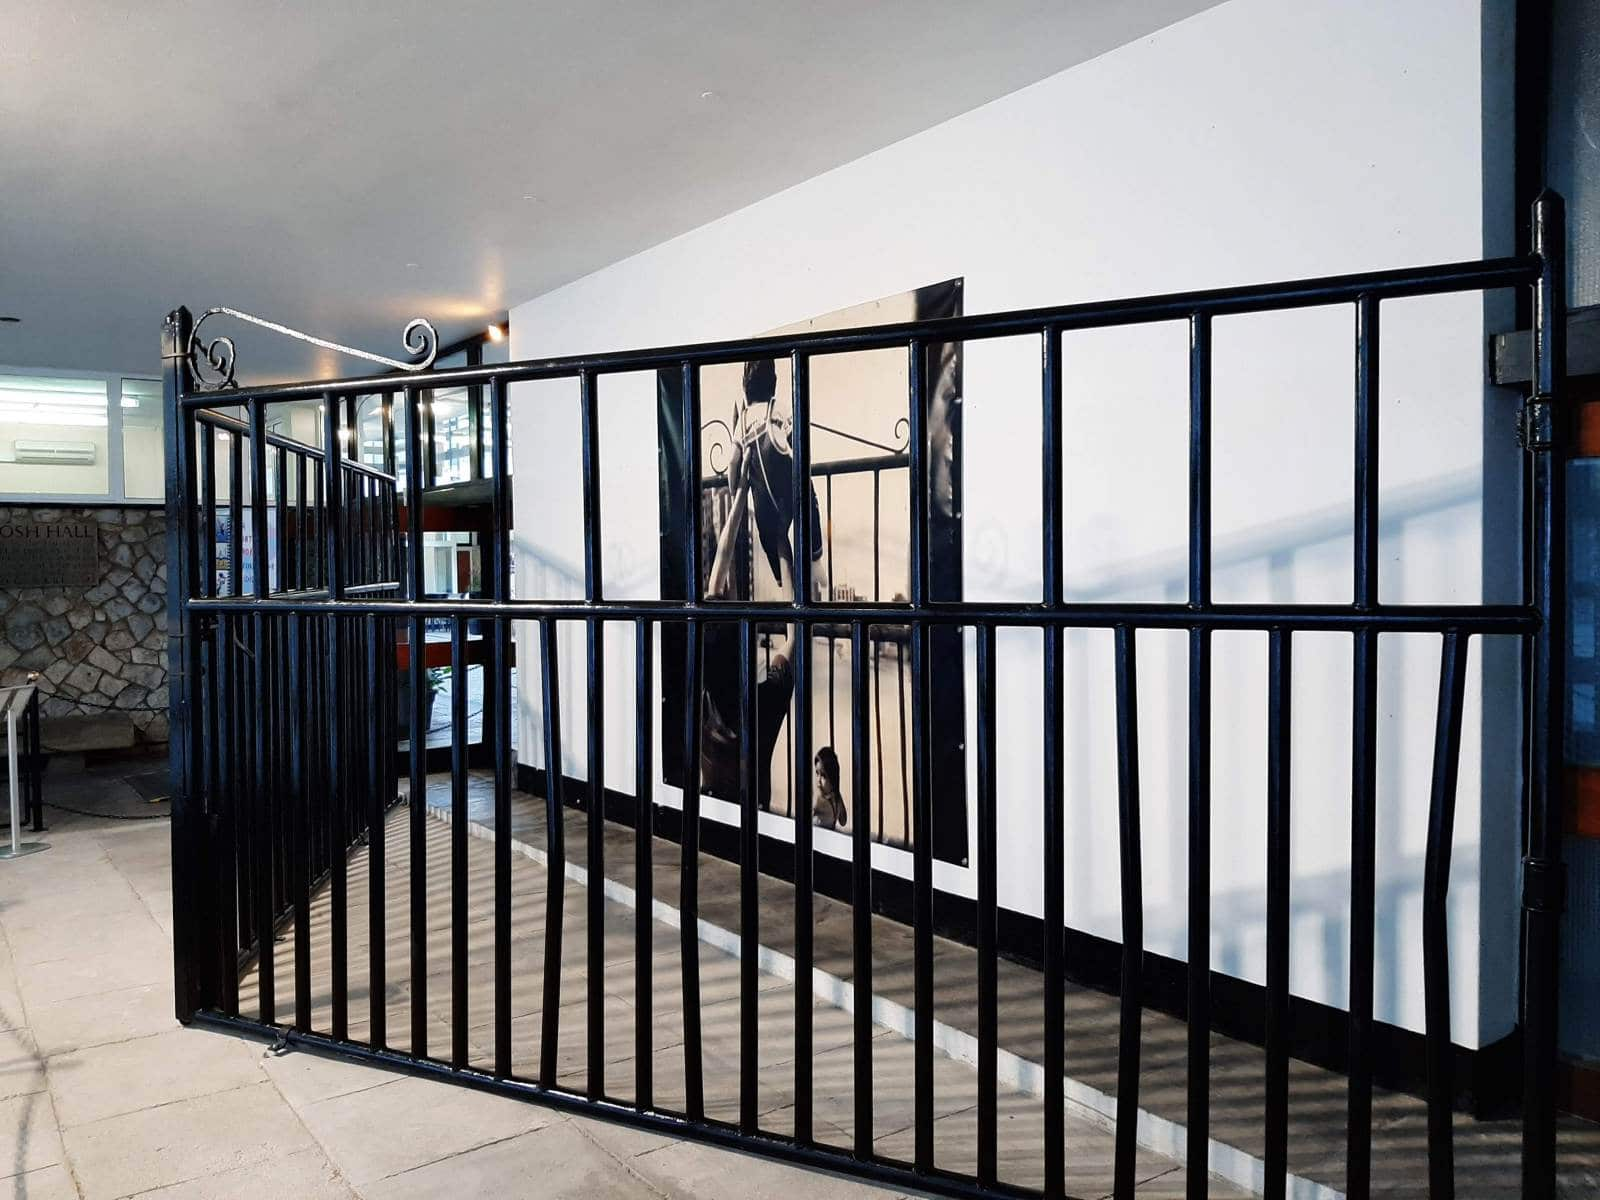 Las-verjas-originales-espanolas-expuestas-en-John-Mackintosh-Hall-con-motivo-de-'Closure.